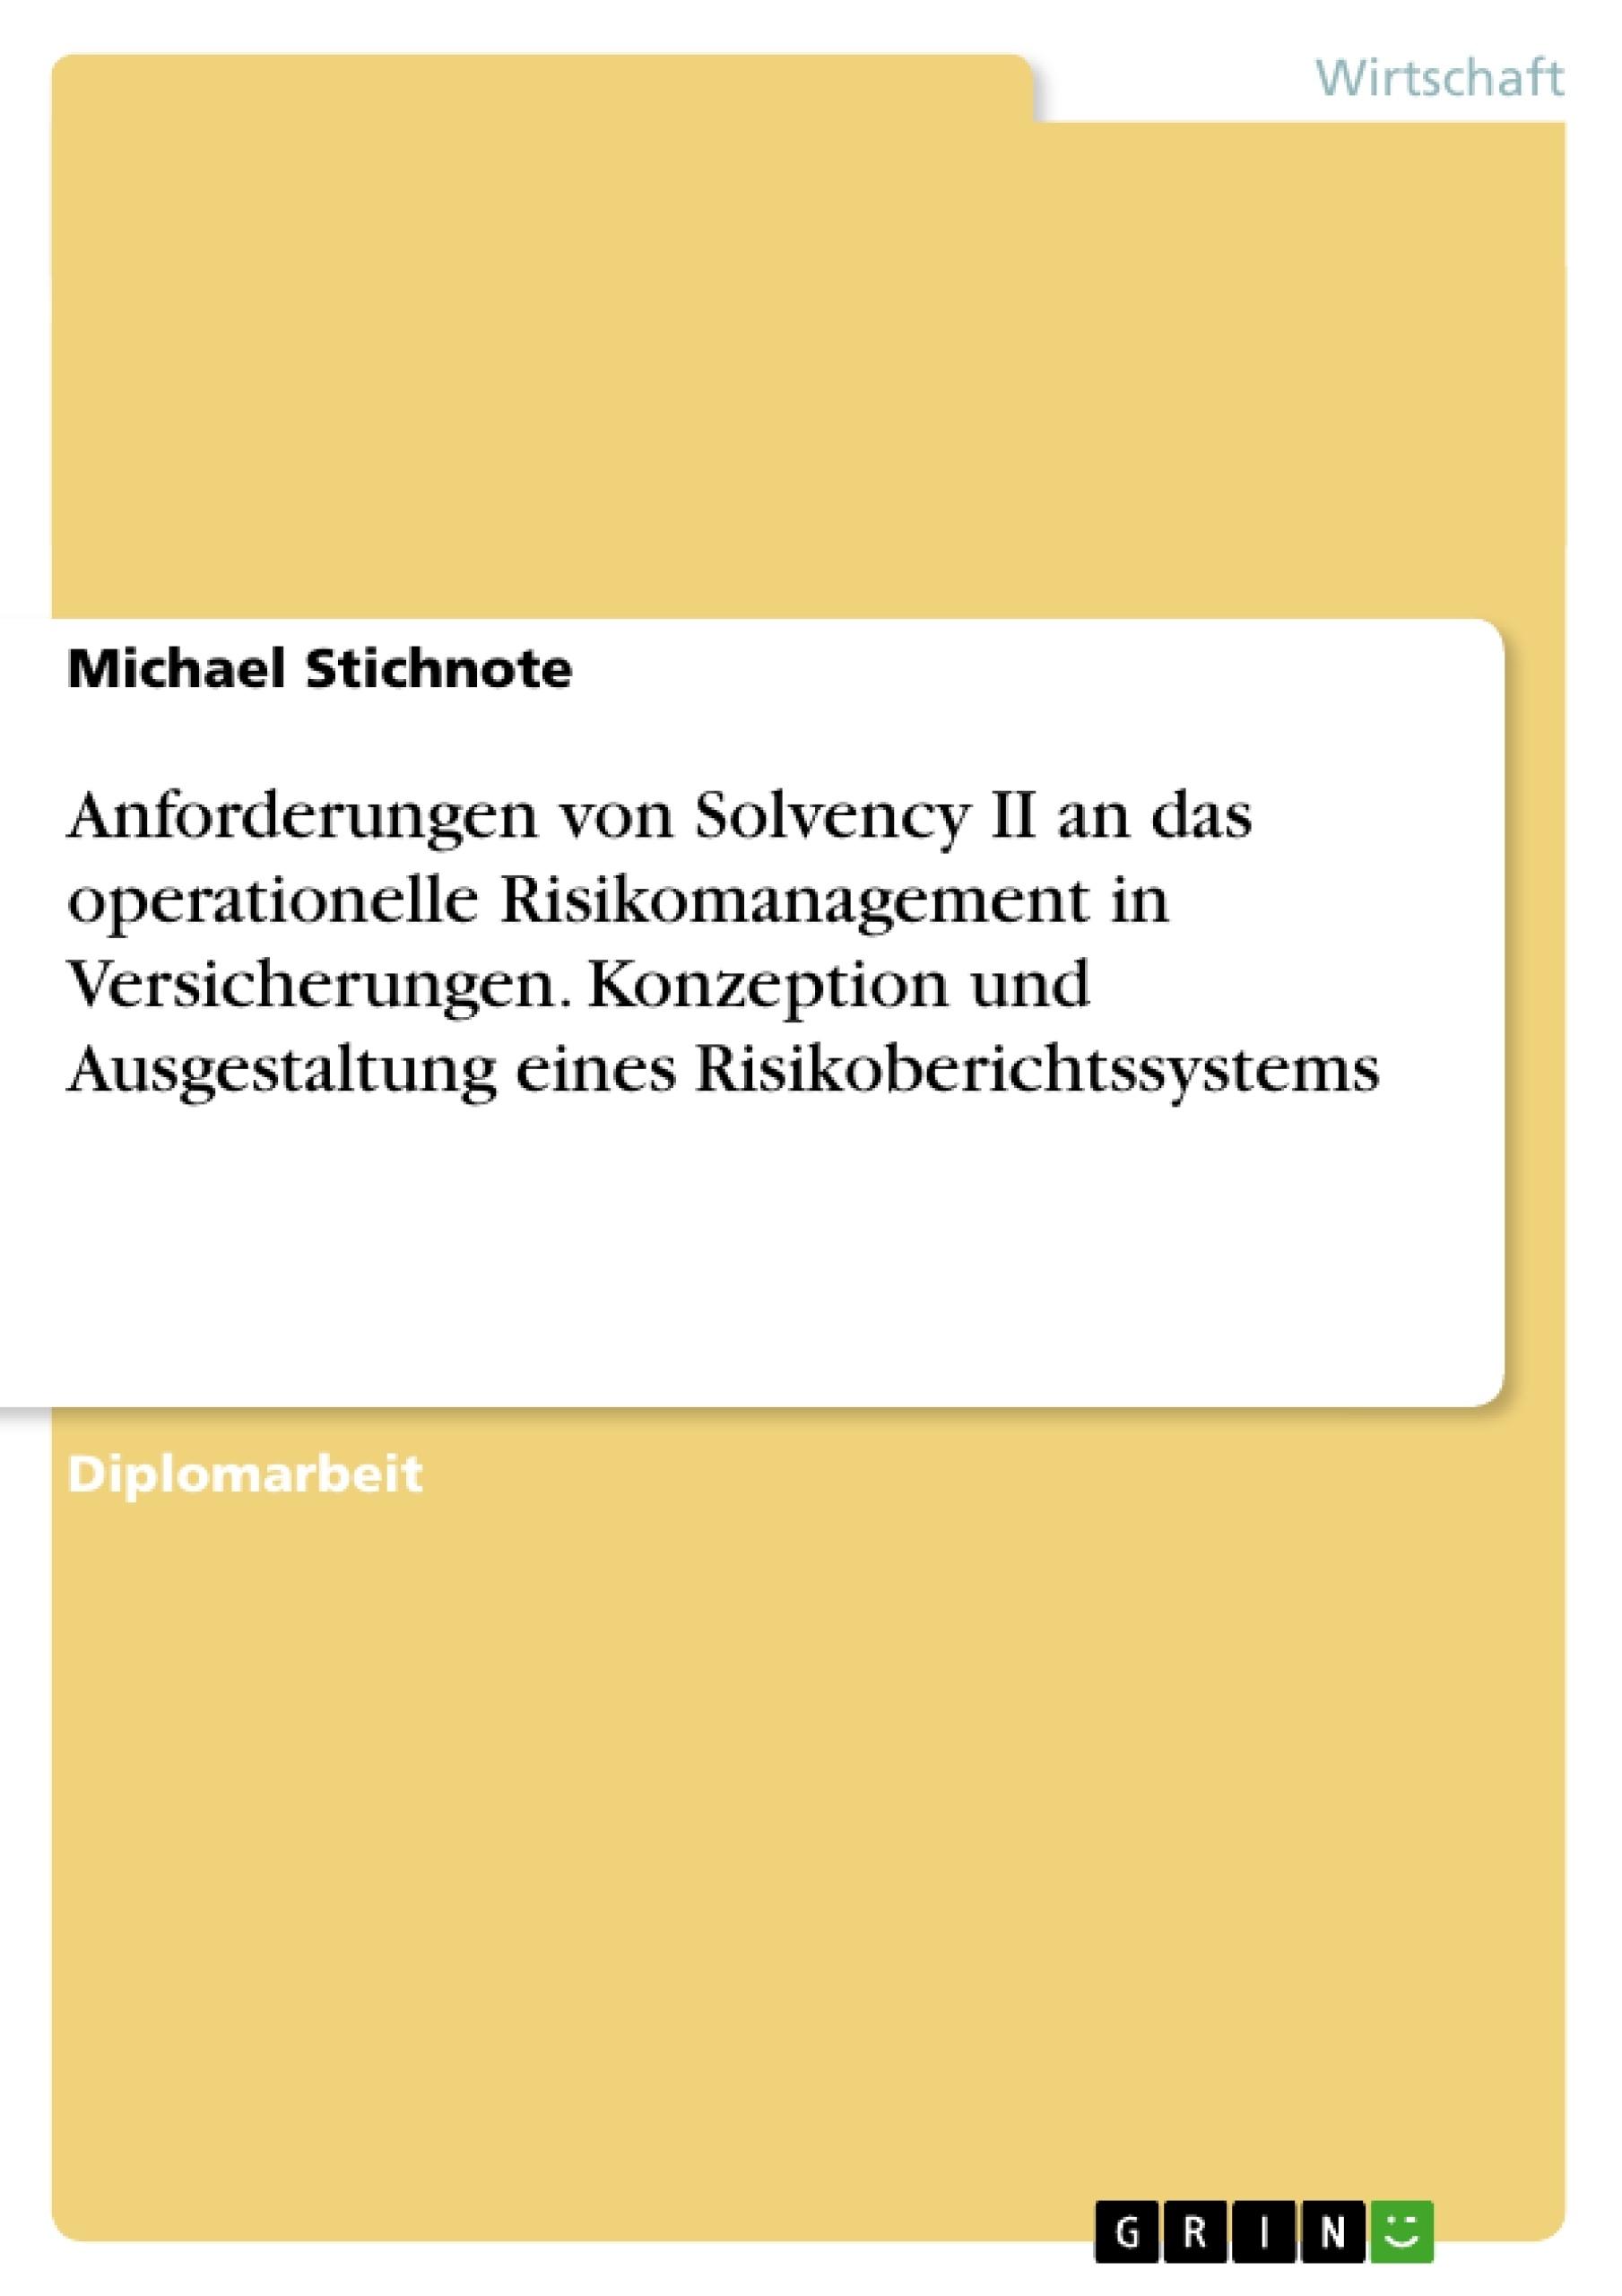 Titel: Anforderungen von Solvency II an das operationelle Risikomanagement in Versicherungen. Konzeption und Ausgestaltung eines Risikoberichtssystems